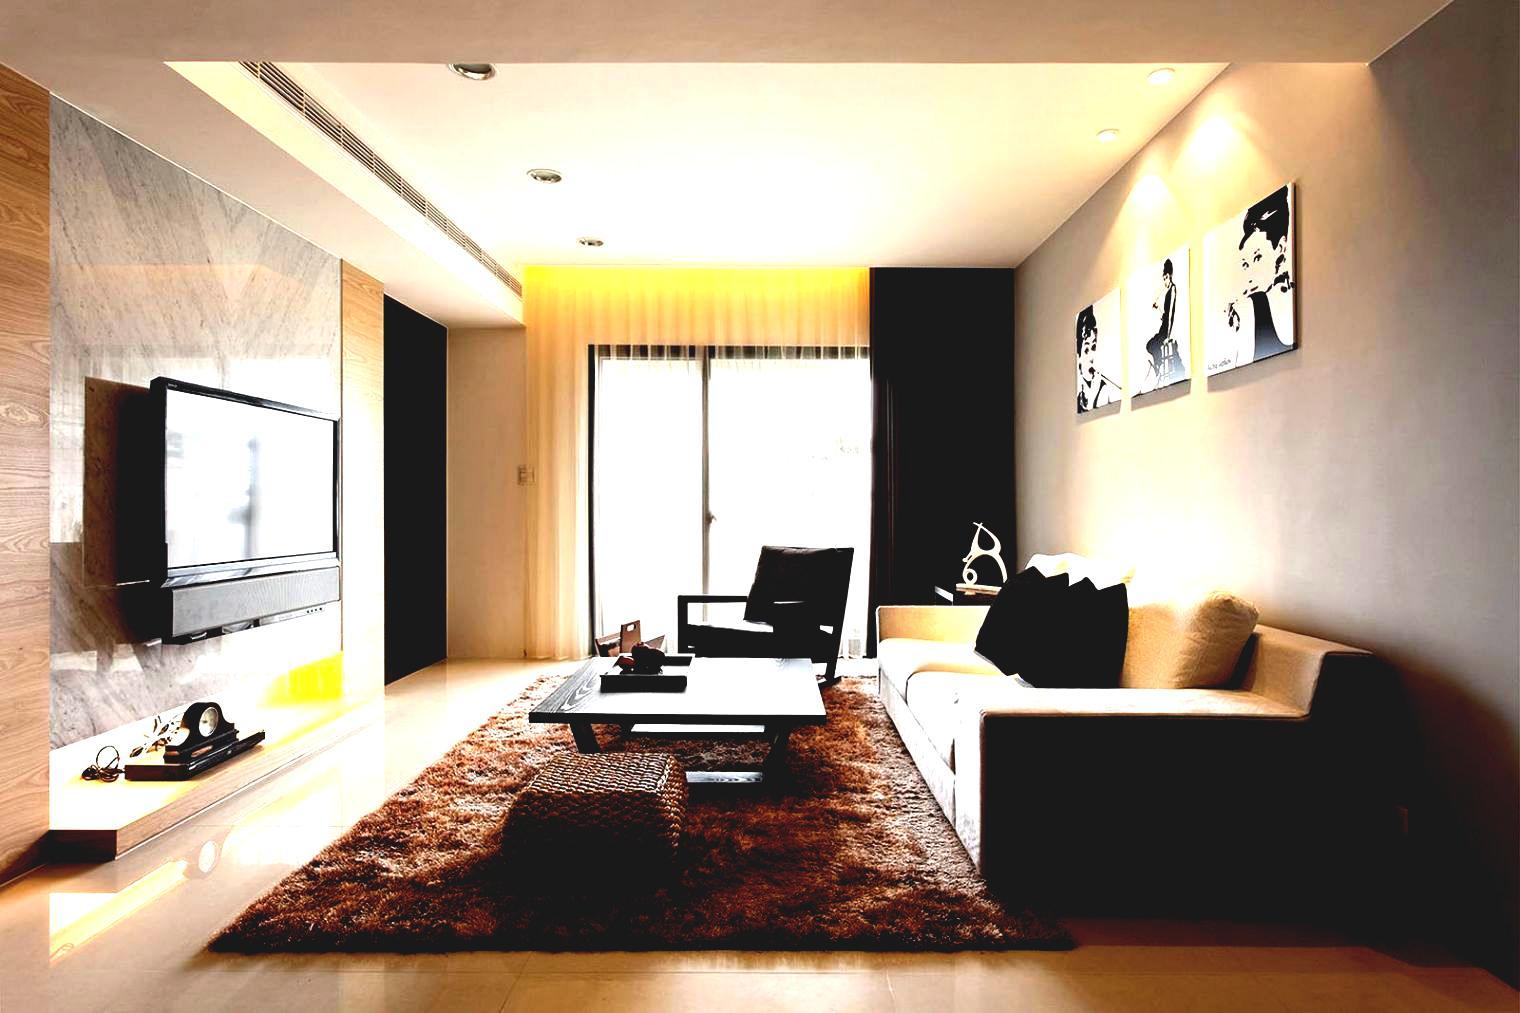 Дизайн спальни-гостиной фото 2015 современные идеи